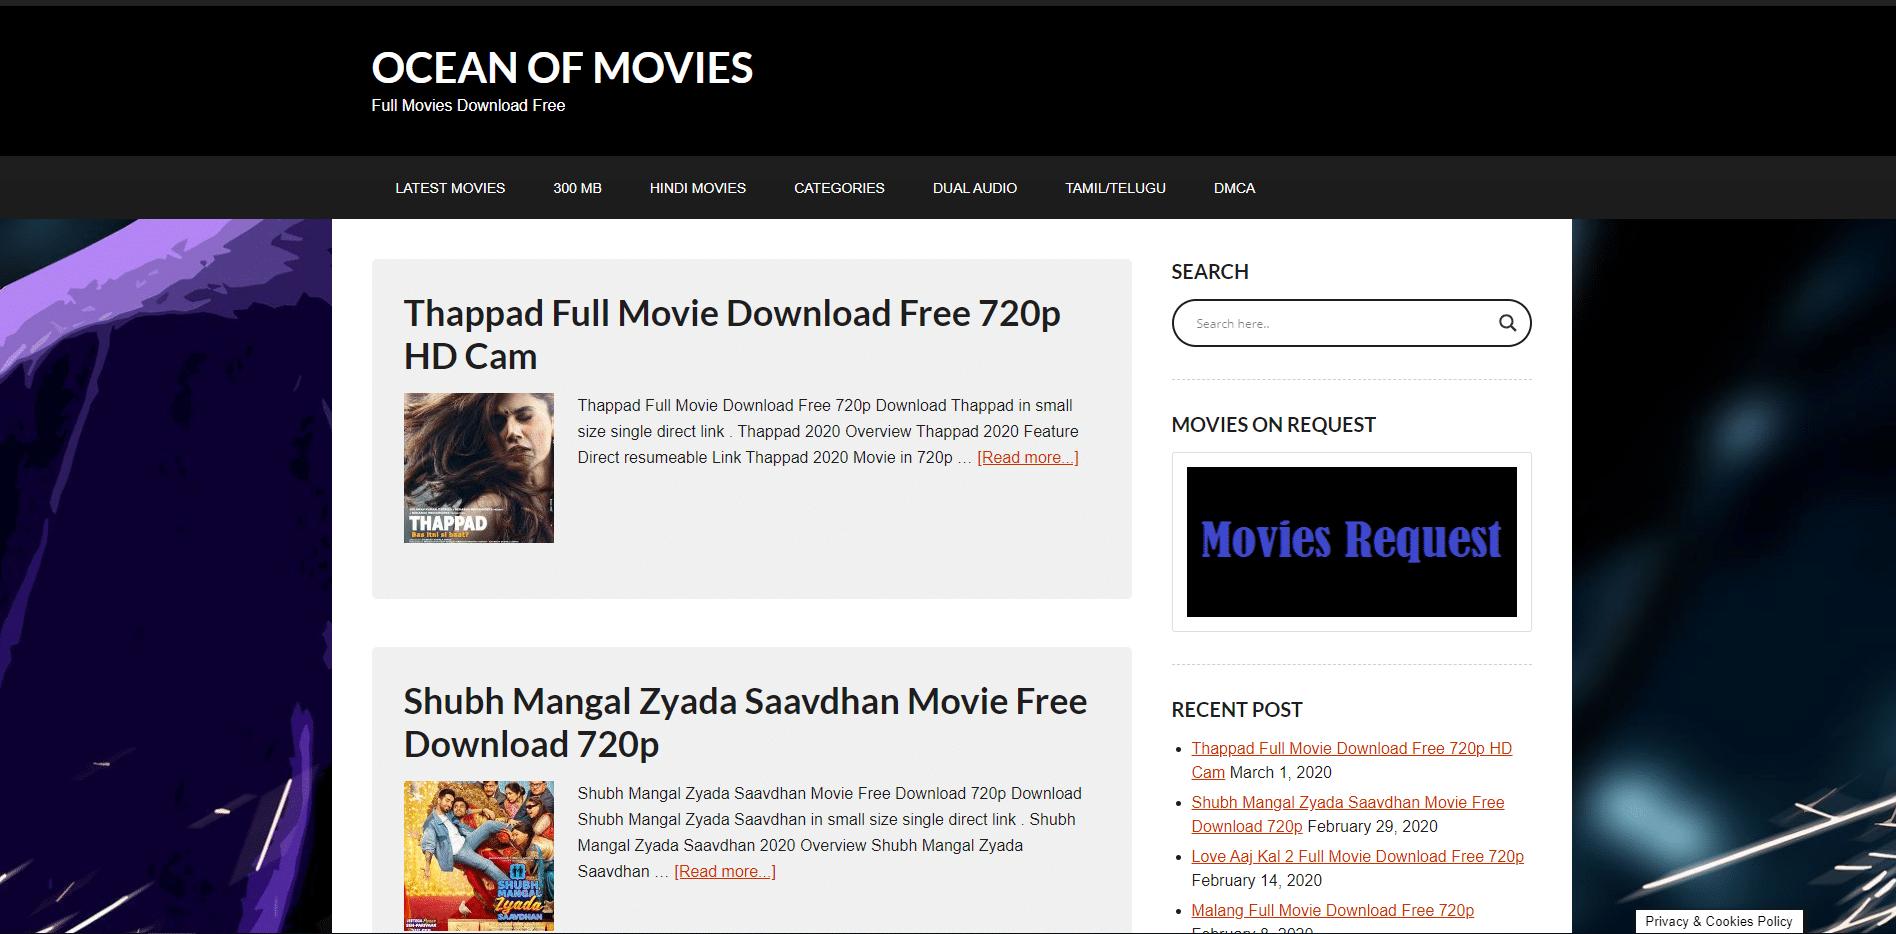 ocean of movies website